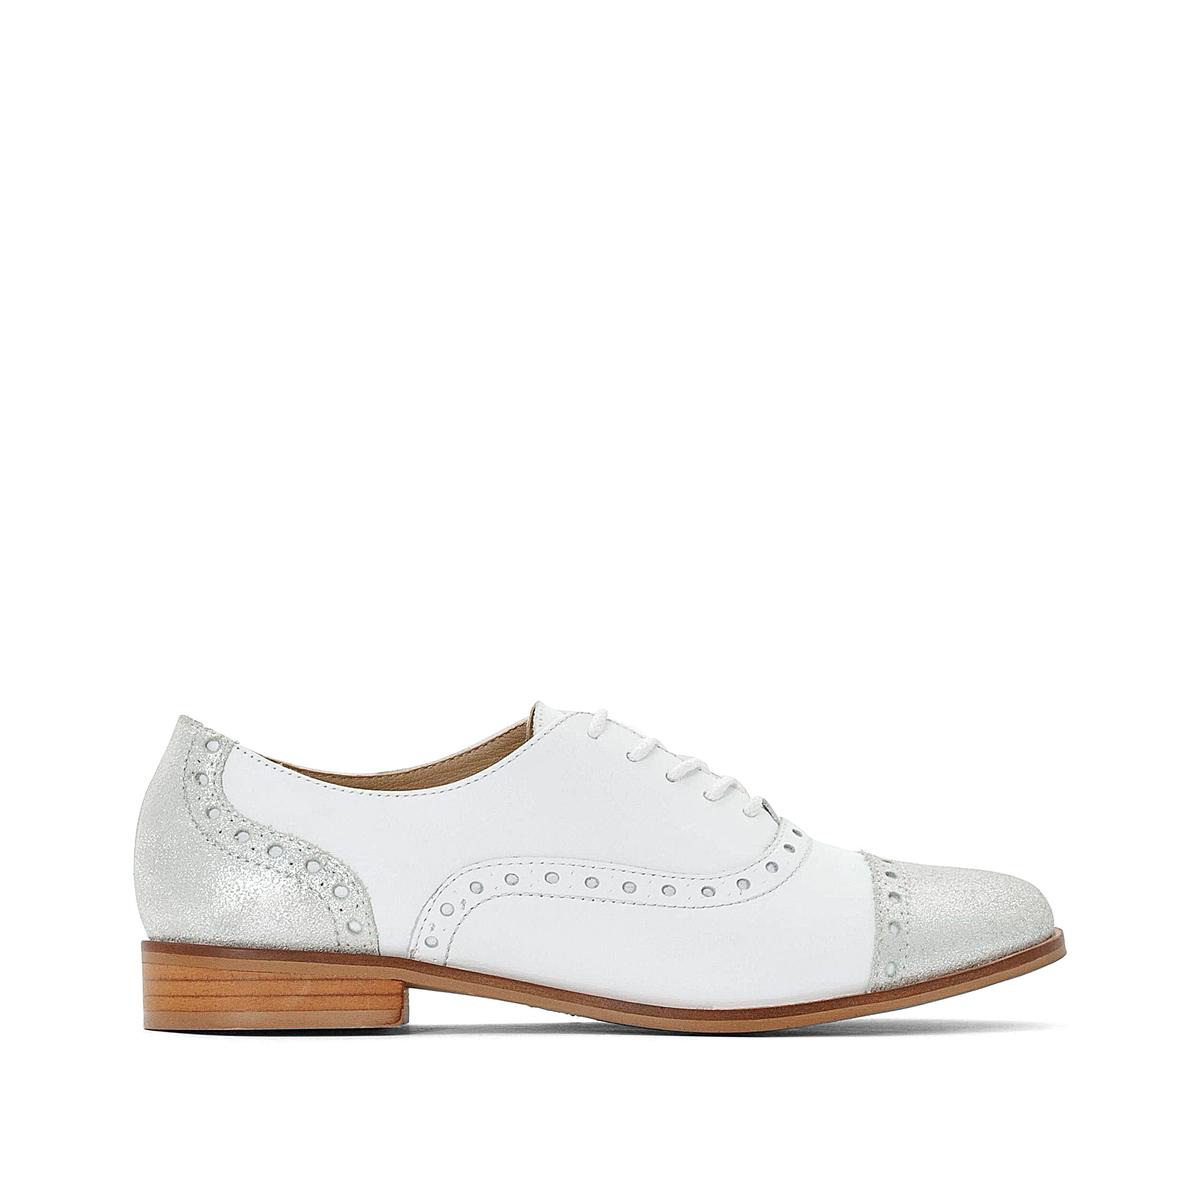 Ботинки-дерби La Redoute Кожаные 41 белый кеды la redoute низкие кожаные nicky 41 белый